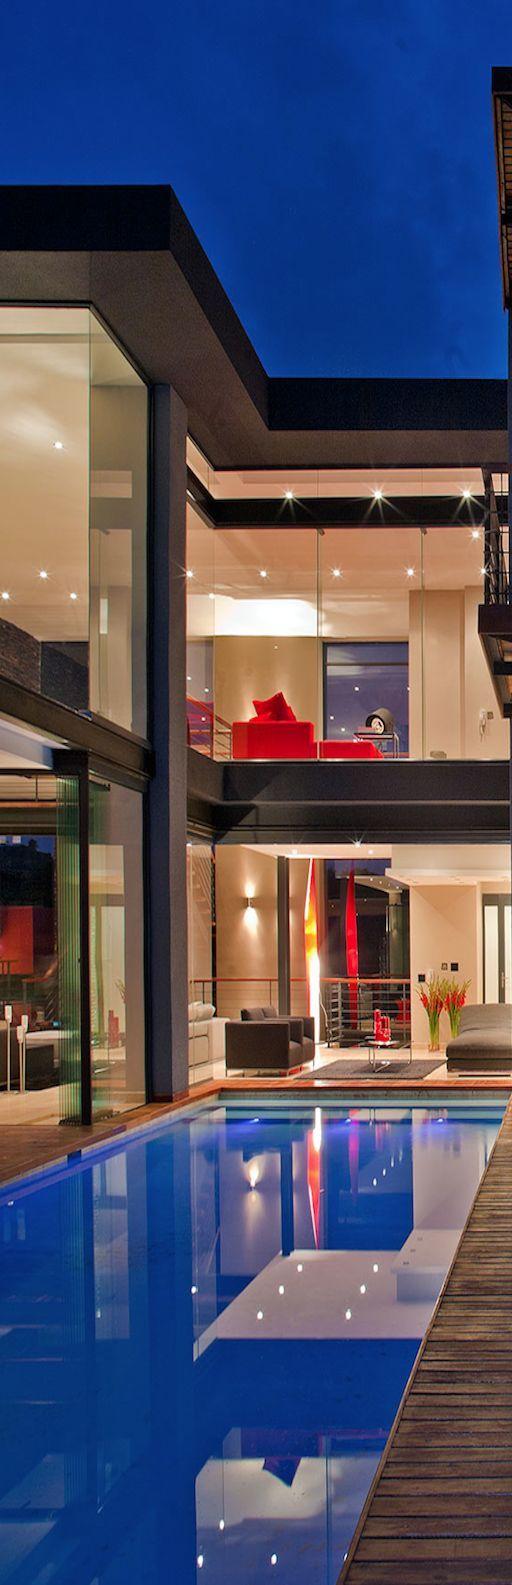 Une villa dont tout le monde rêve   luxe, vacances, villas de luxe. Plus de nouveautés sur www.bocadolobo.co...